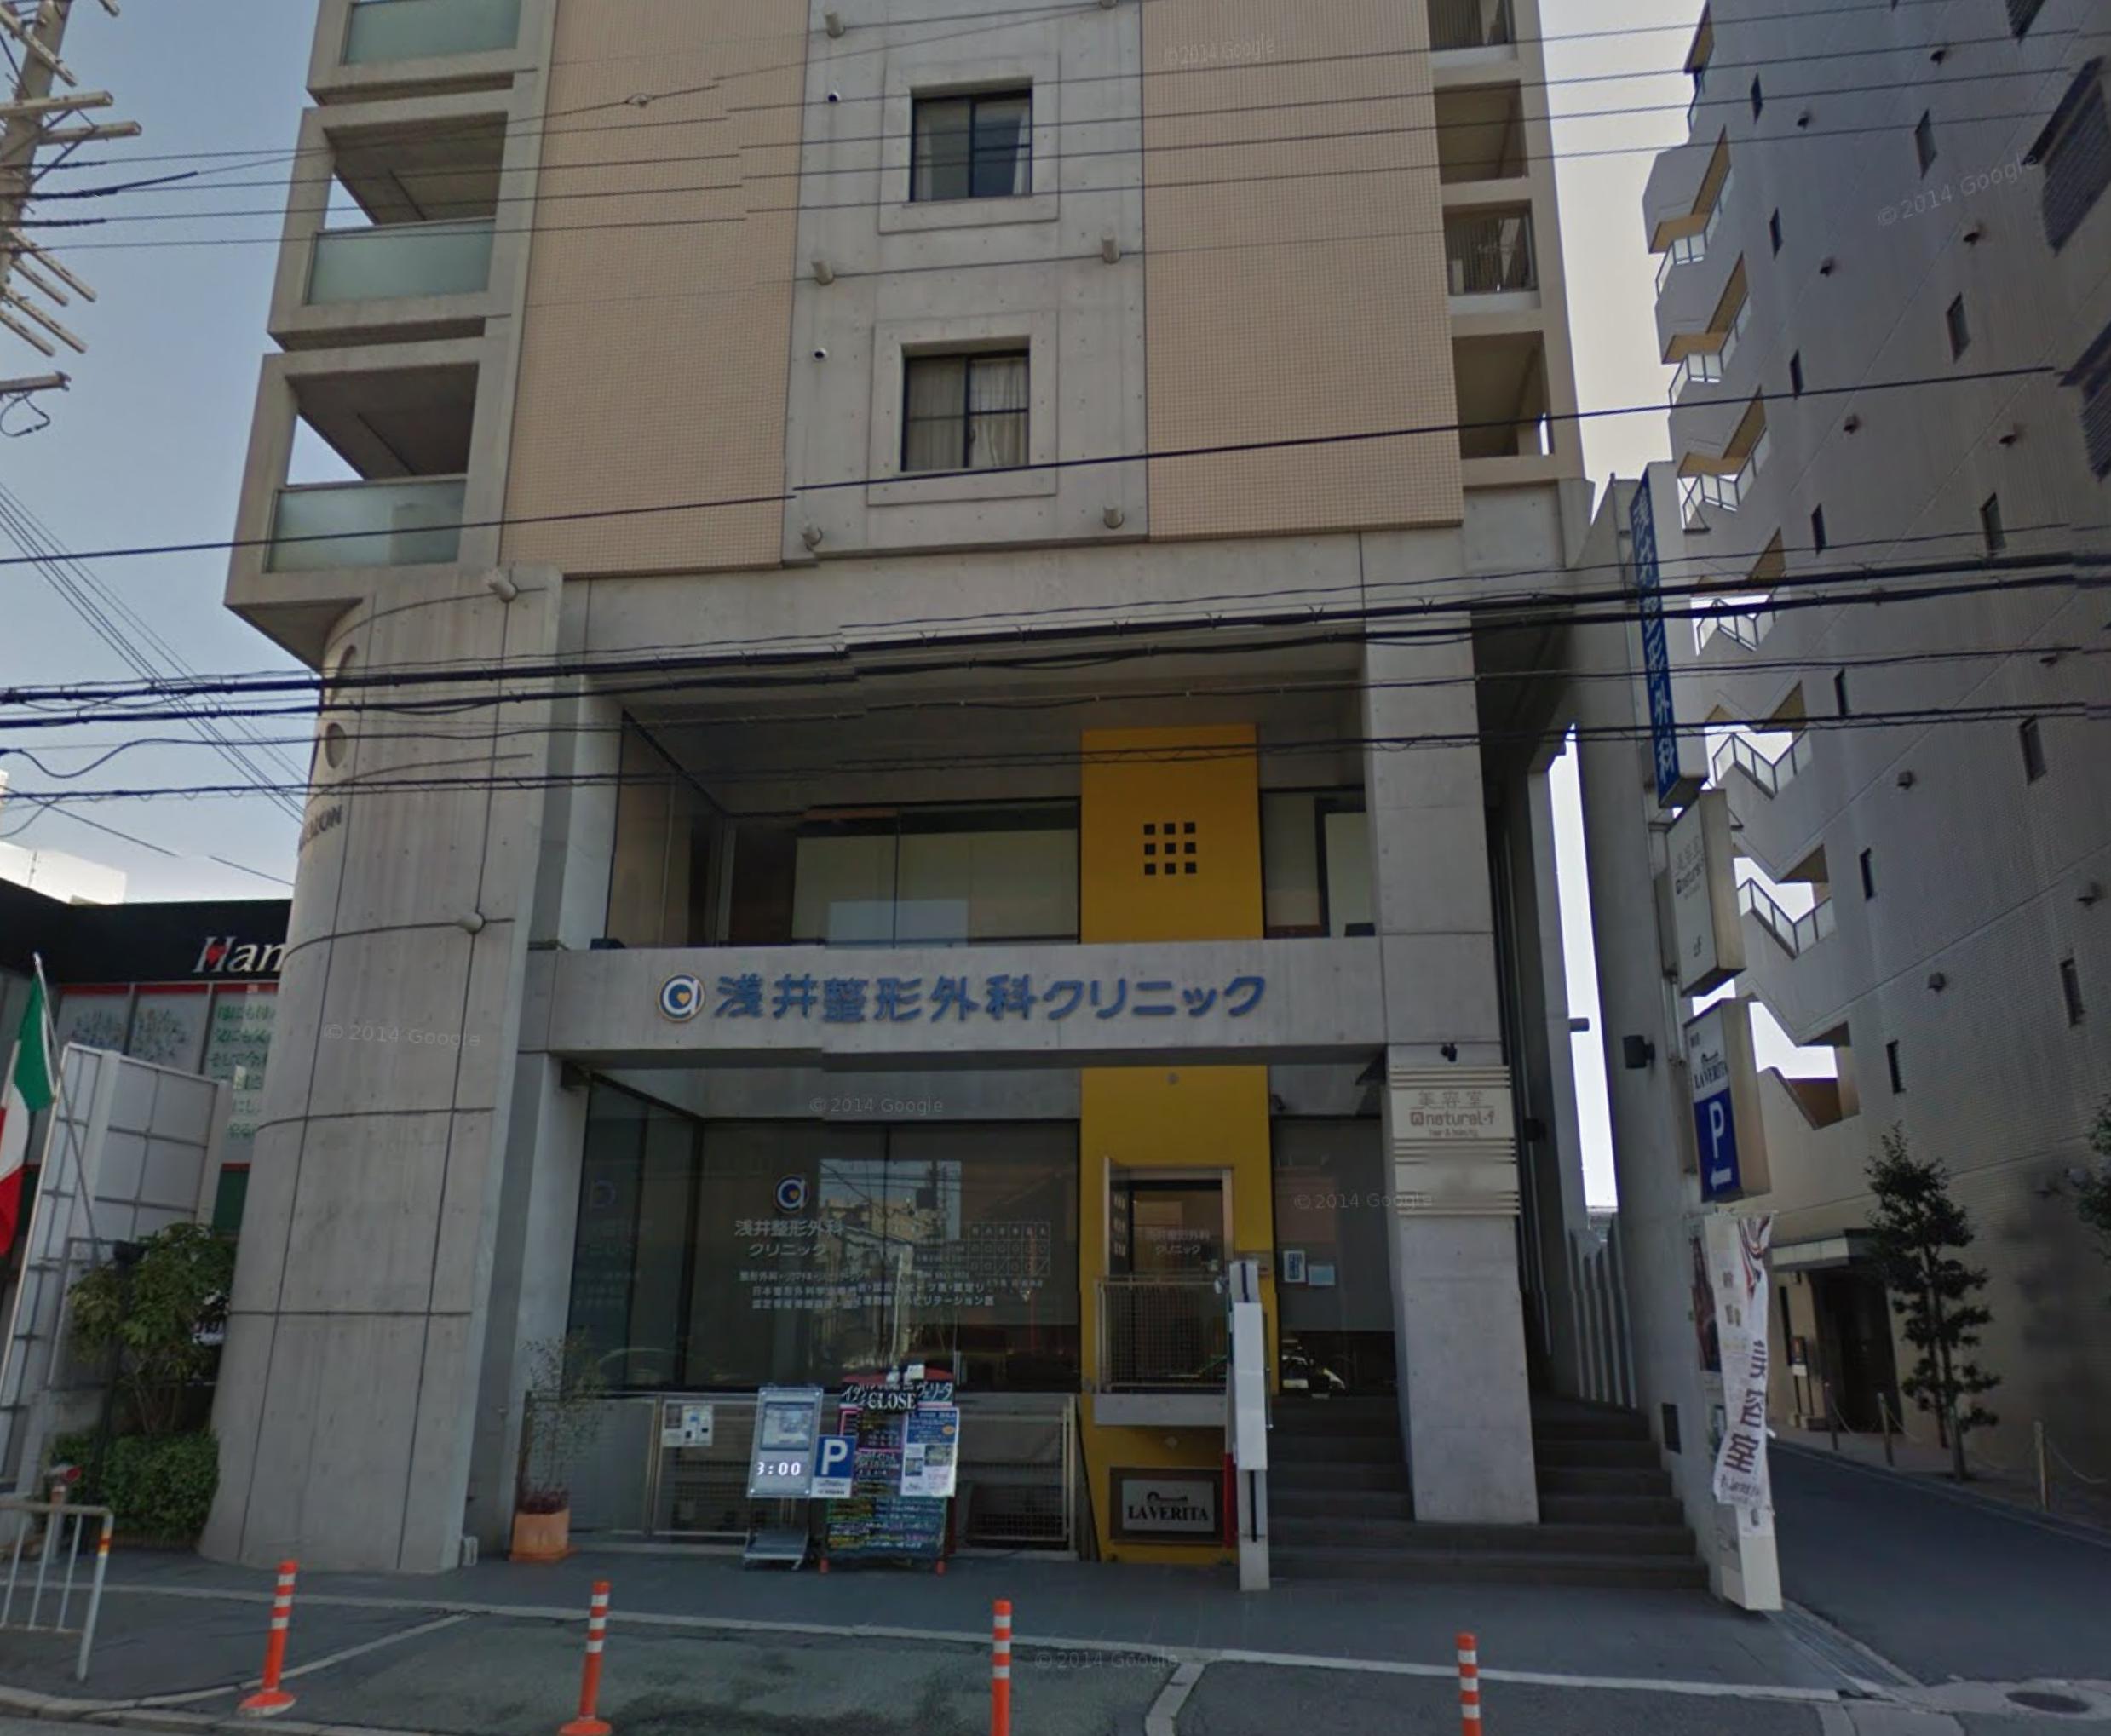 入り口は右横にございます。インターホン'で602をお呼びください。エレベーターで6階までお越しください。